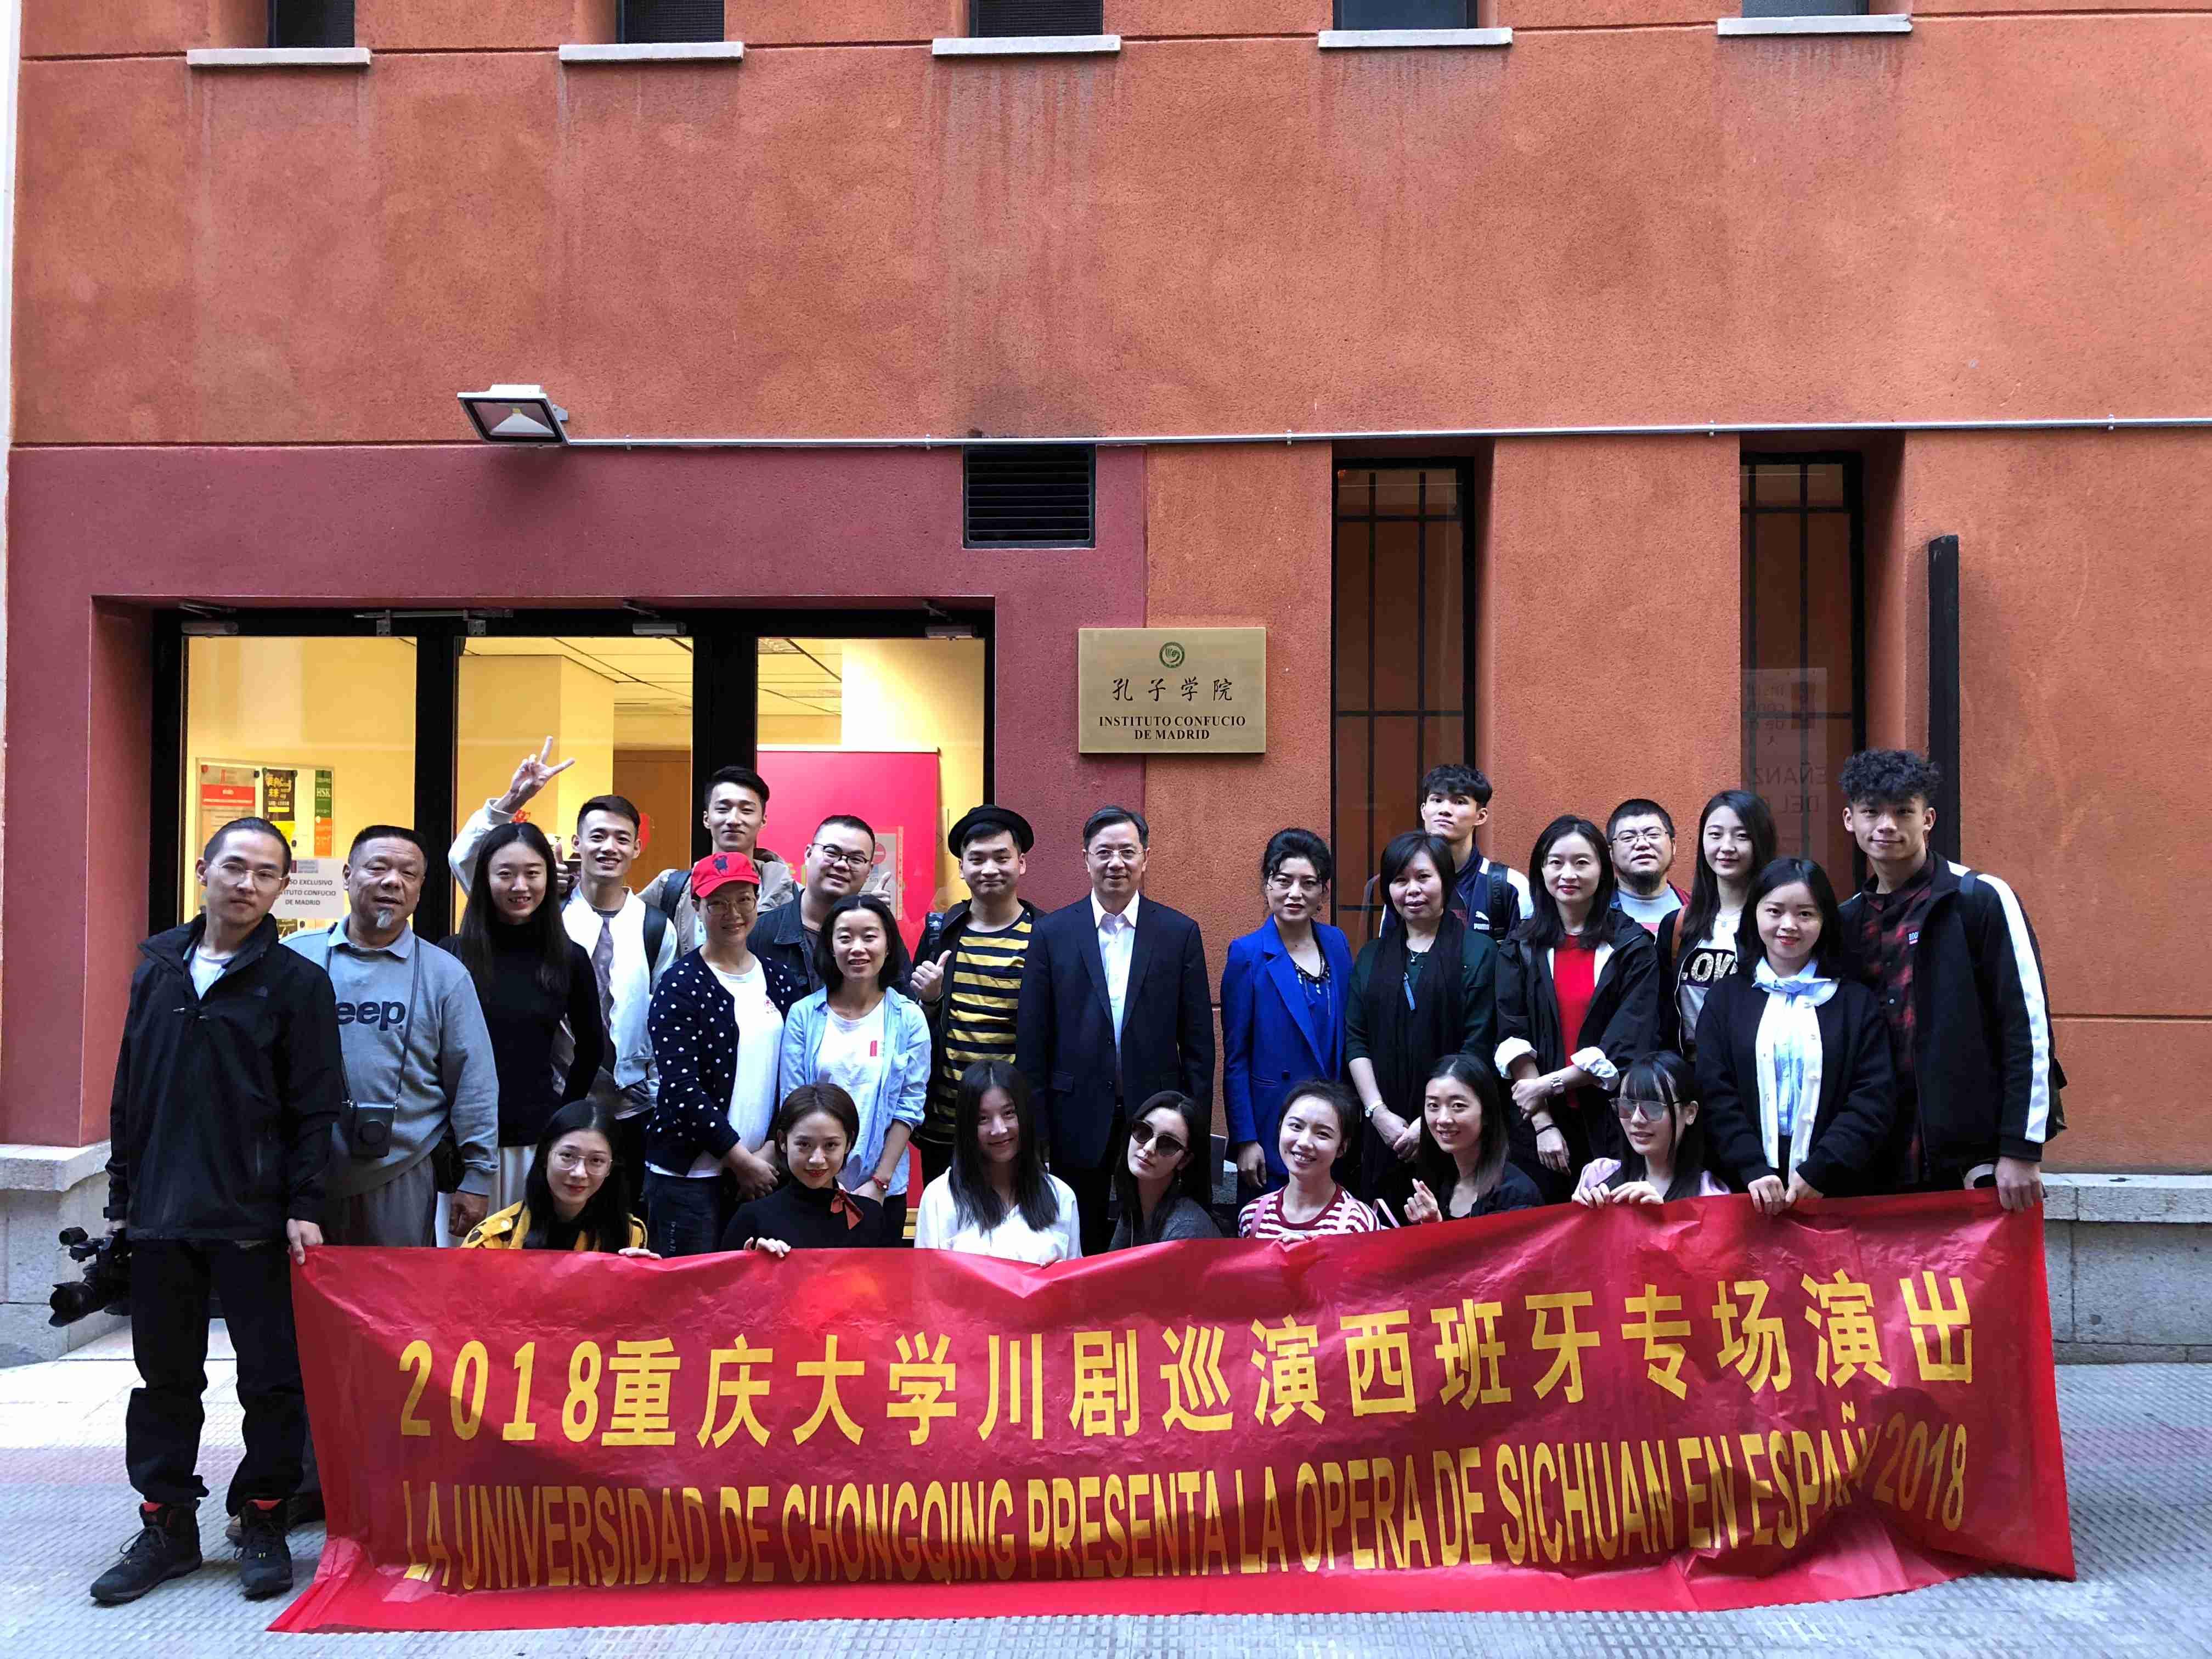 重庆大学川剧艺术团巡演西班牙——展示中华戏曲风采  助力东西文明交流互鉴